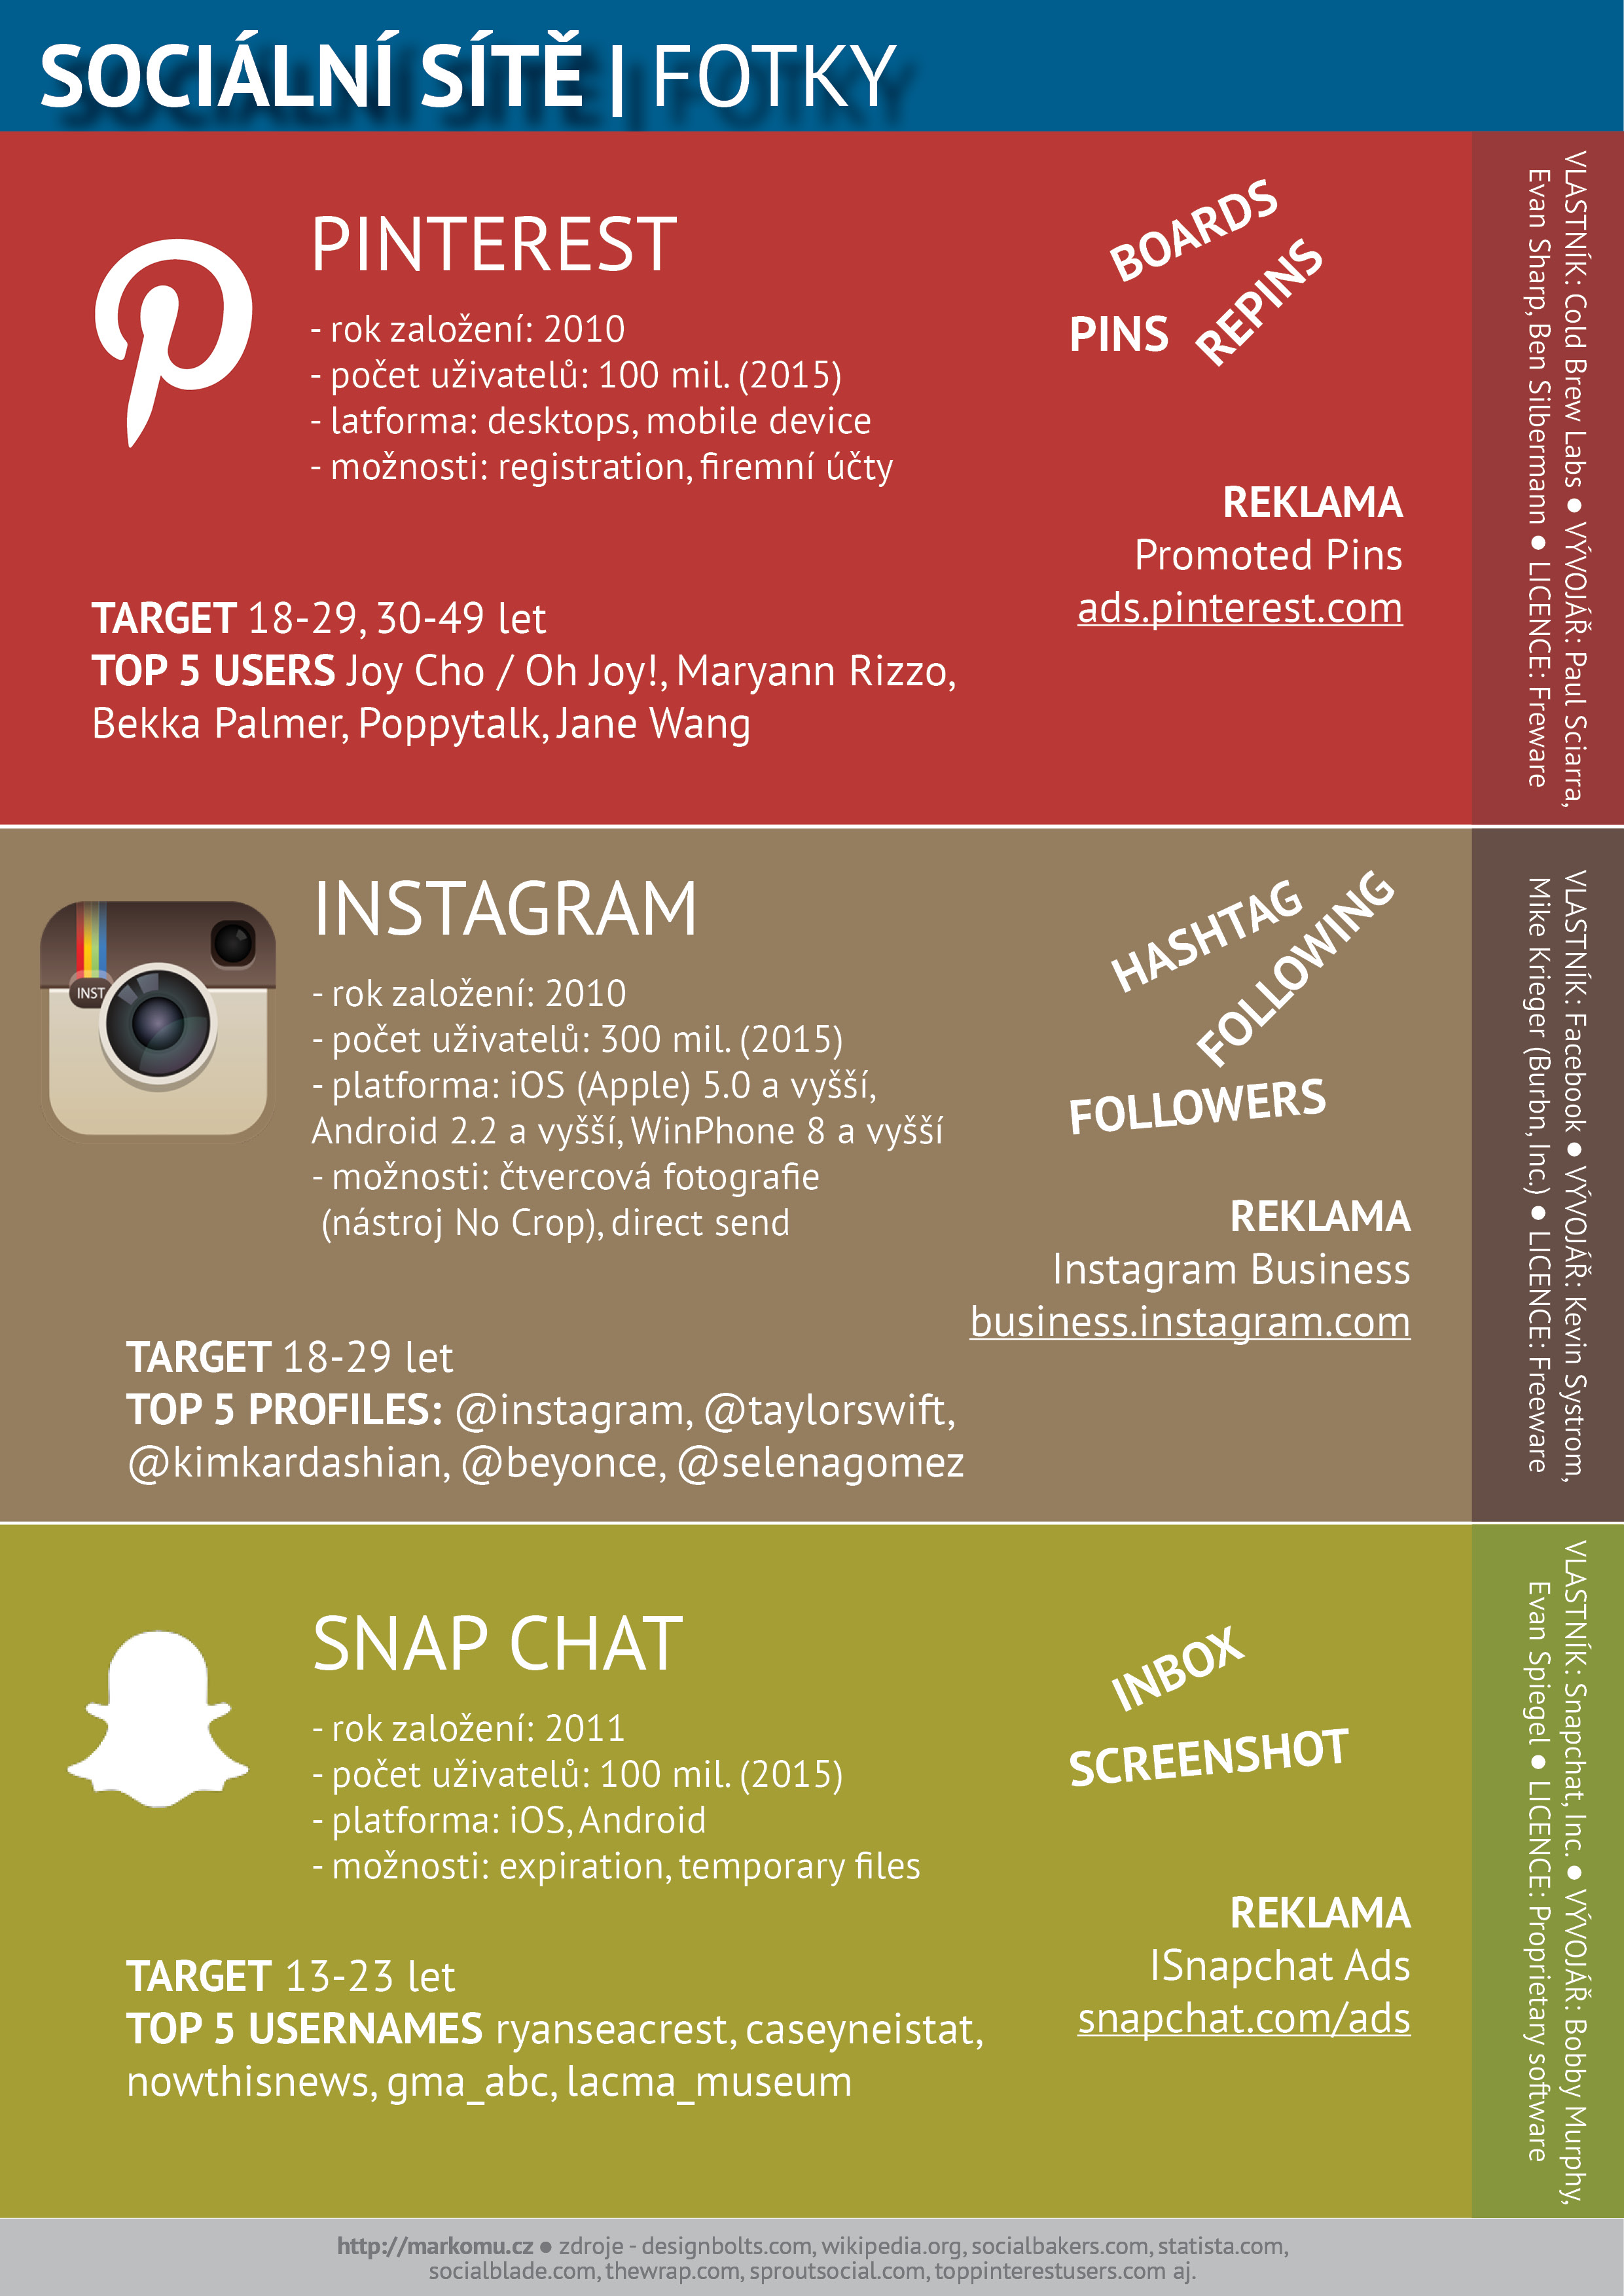 sociální sítě fotky